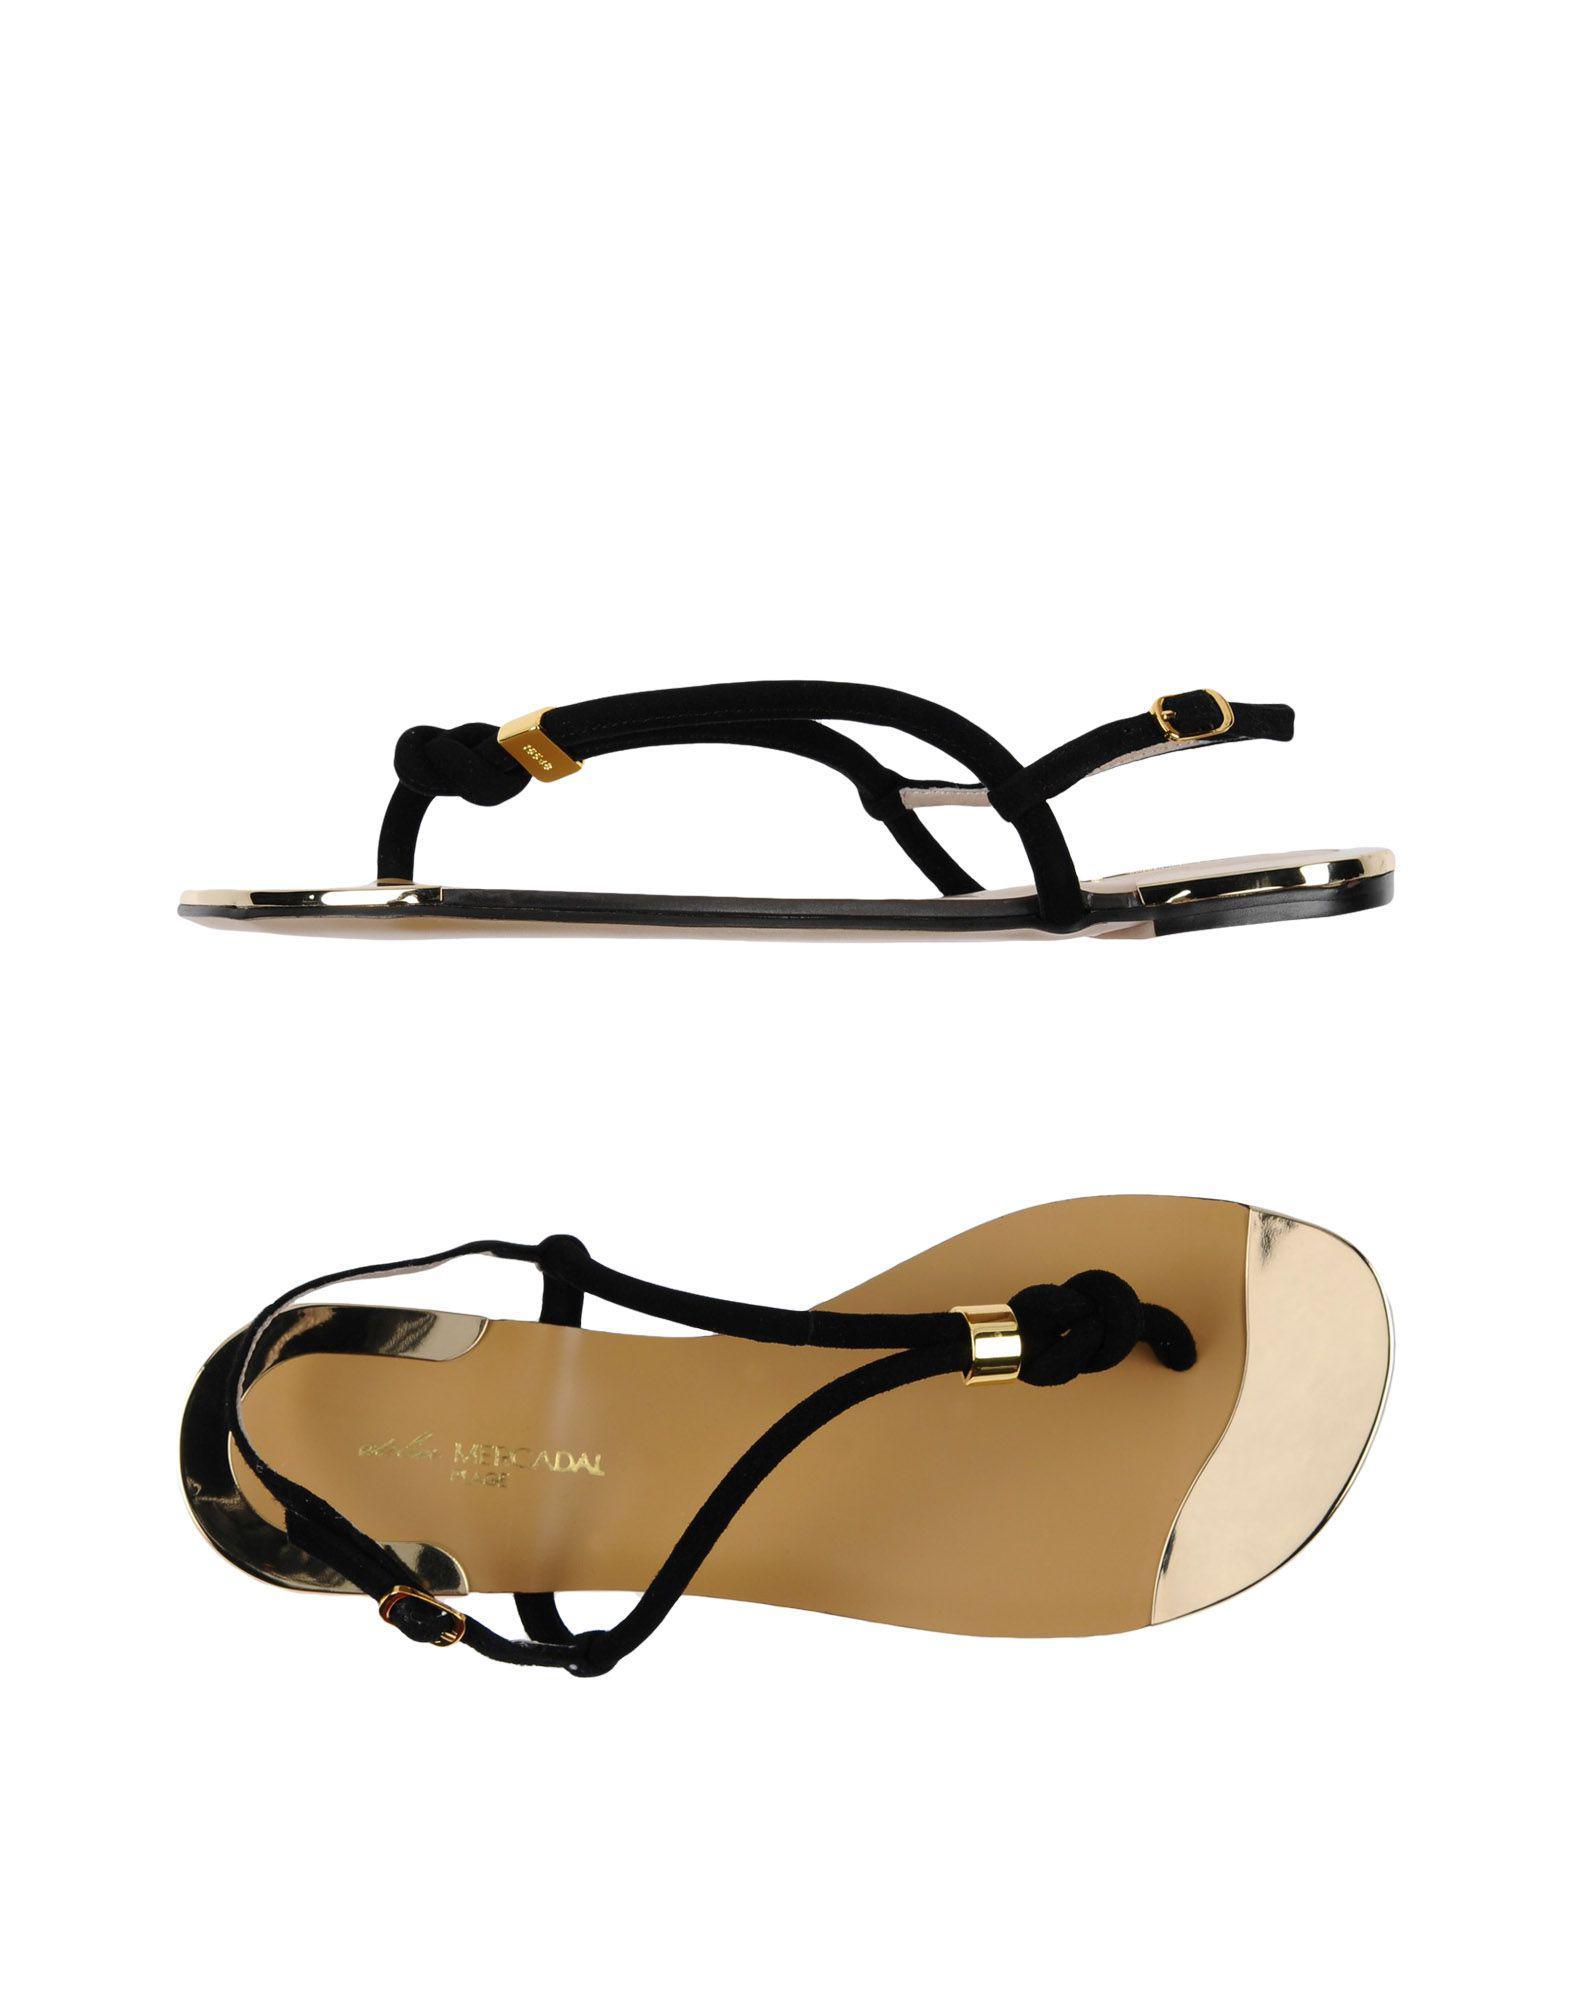 FOOTWEAR - Toe strap sandals on YOOX.COM Mercadal OR0Th5XNT